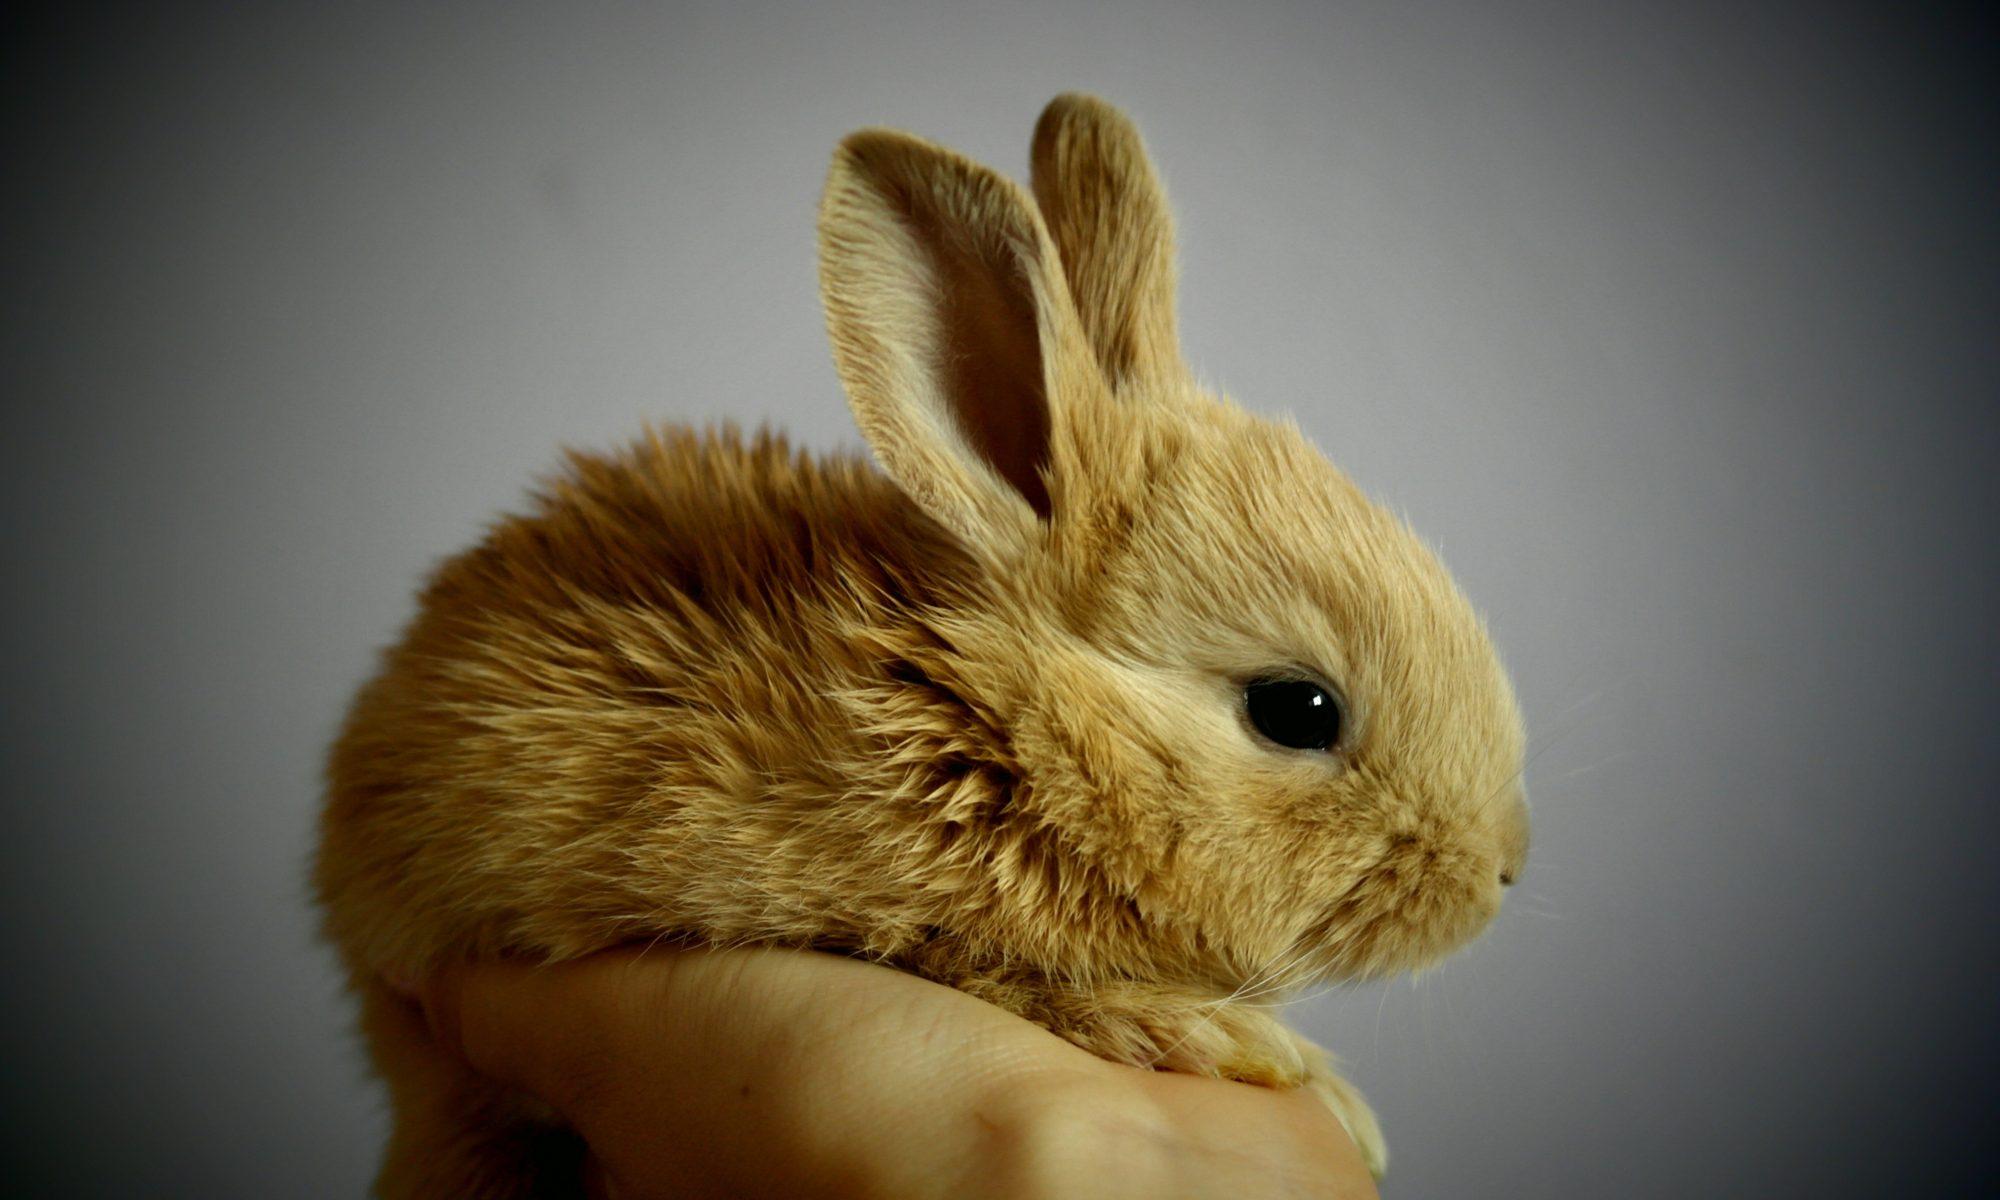 królik miniaturowy